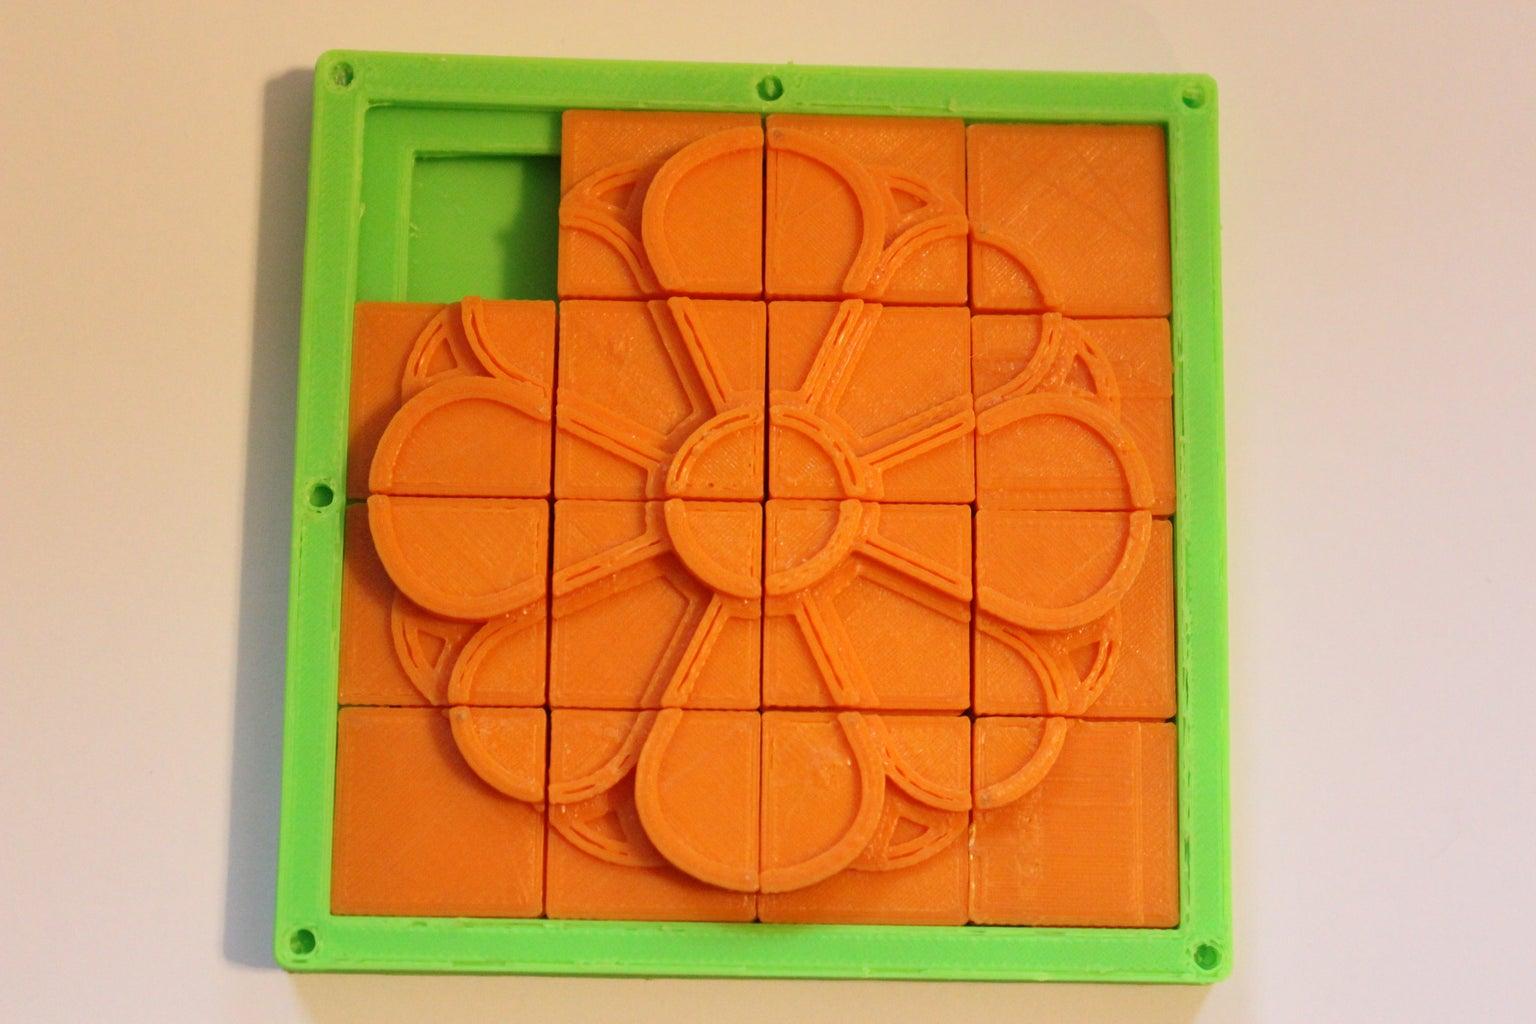 Customize a 3-Dimensional Sliding Tile Puzzle